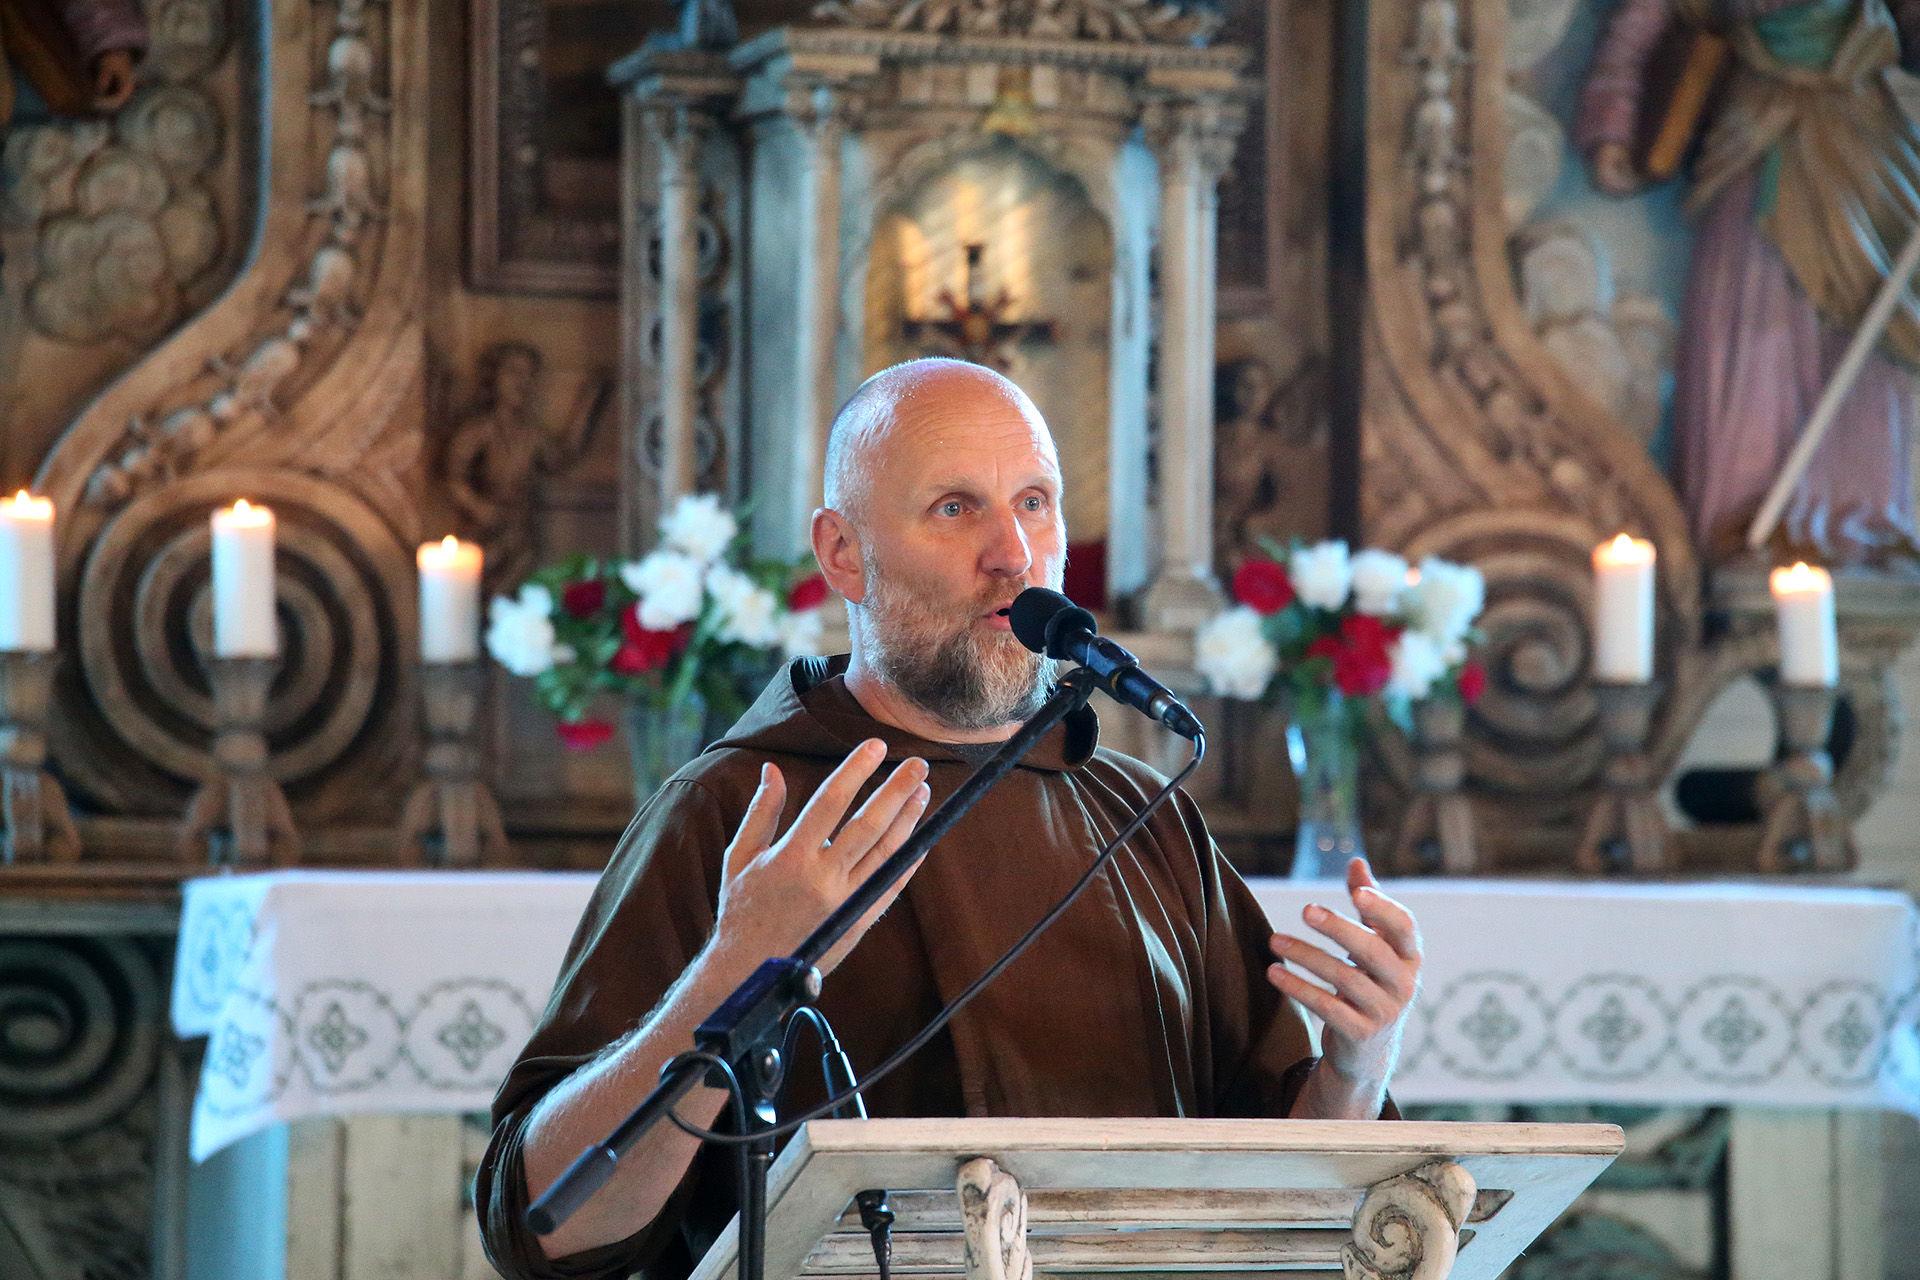 Paskutinis Tėvo Stanislovo mokinys, vienuolis Vincentas Tamošauskas teigia suprantantis, kad kelias bus sunkus, bet jis tiki, kad jo mokytojas bus paskelbtas šventuoju. / A. Barzdžiaus nuotr.